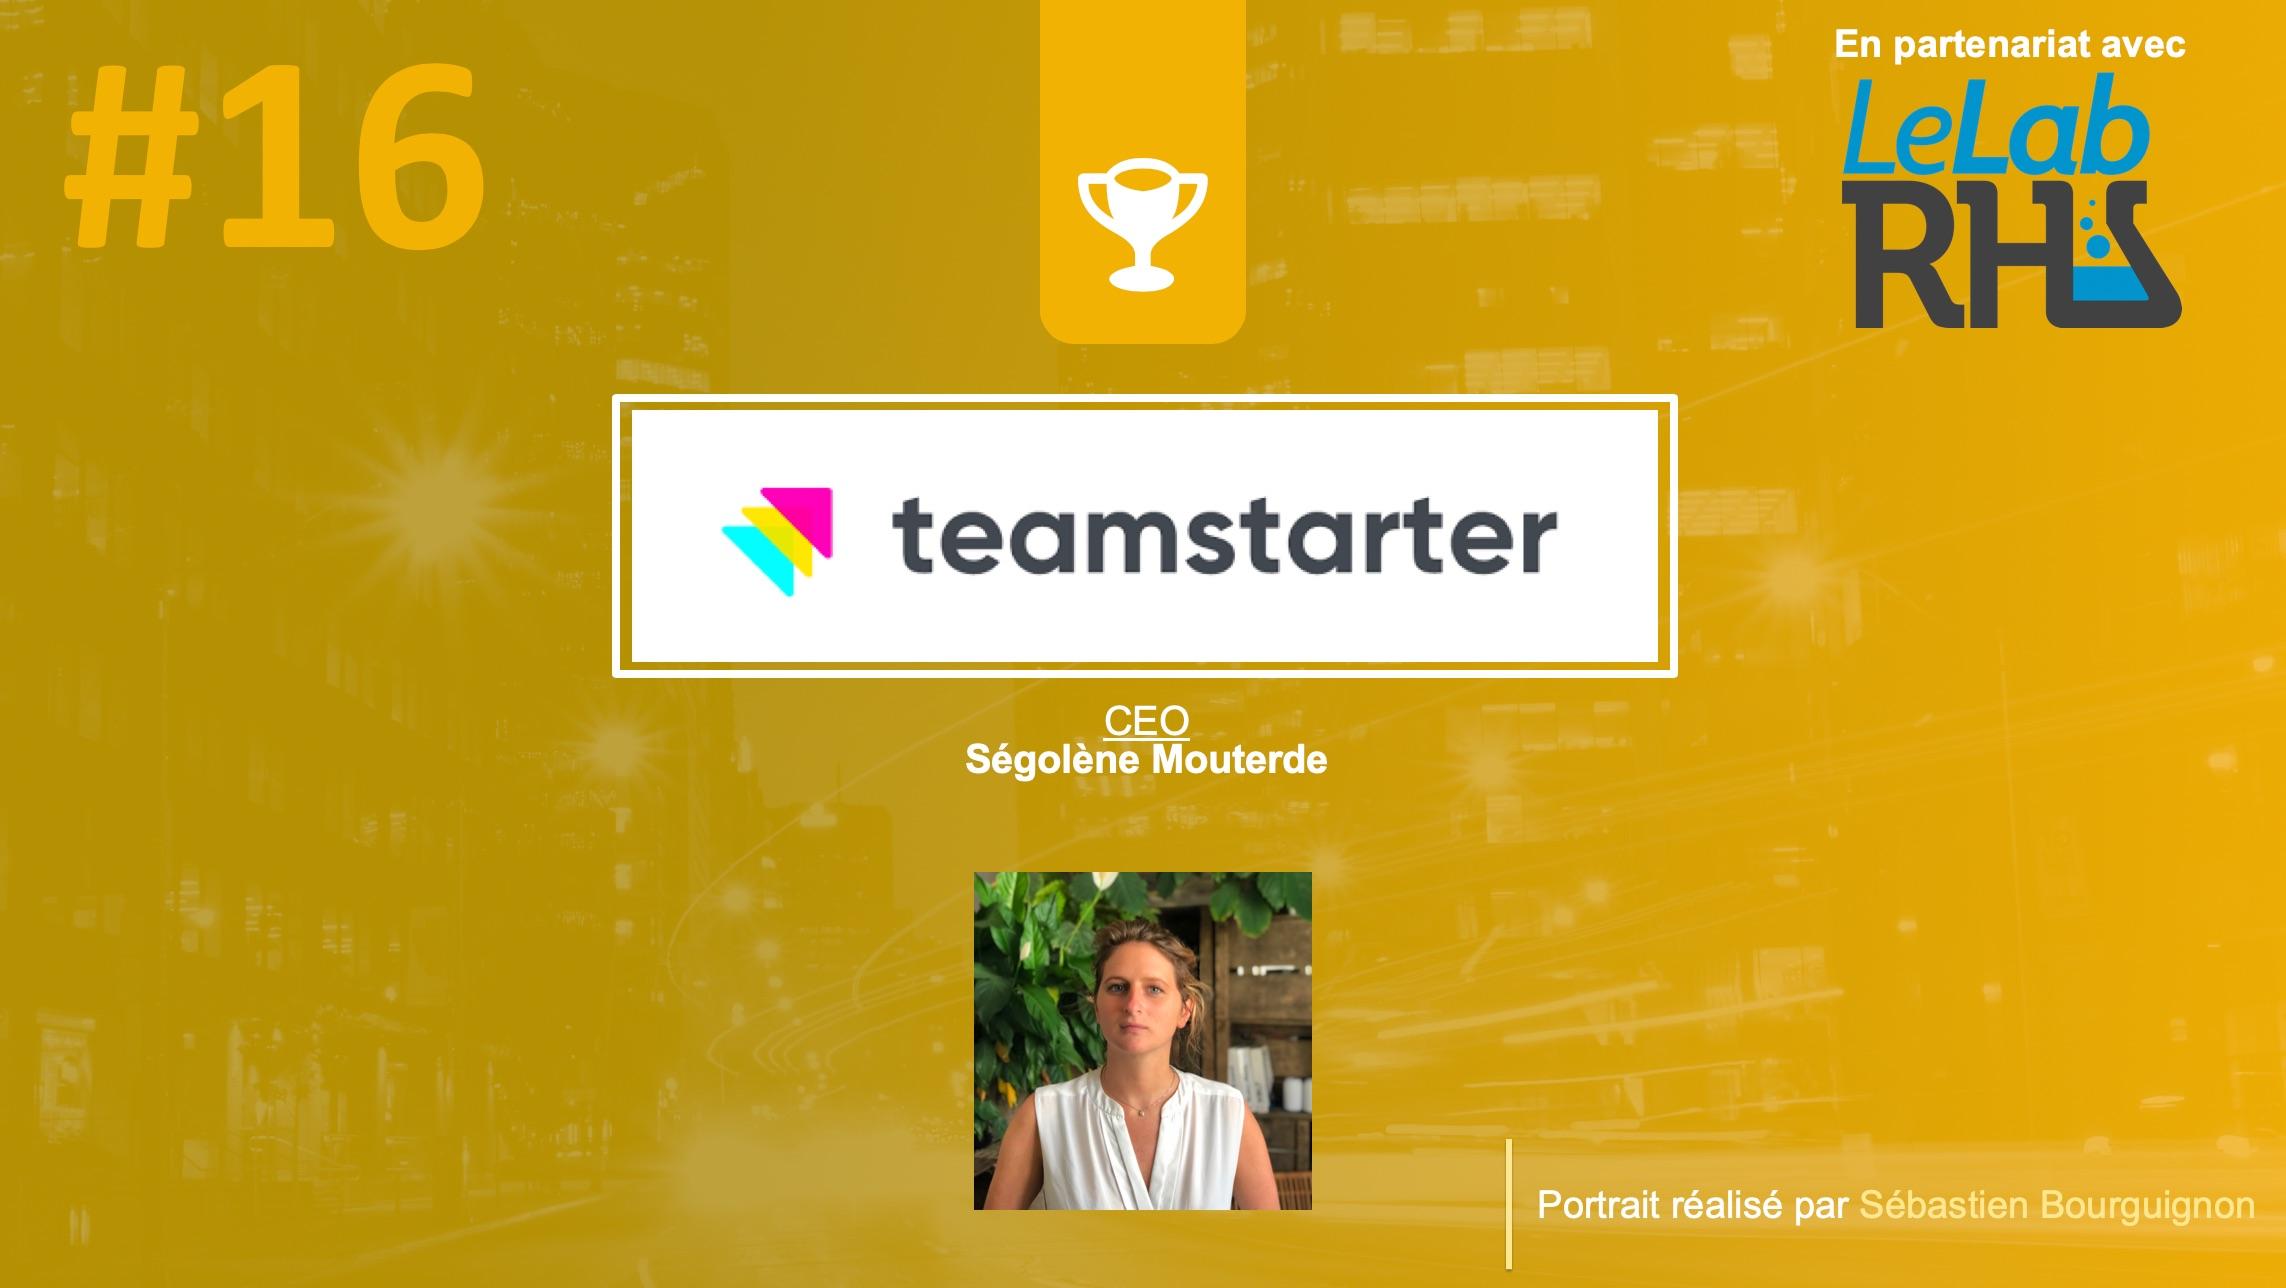 teamstarter